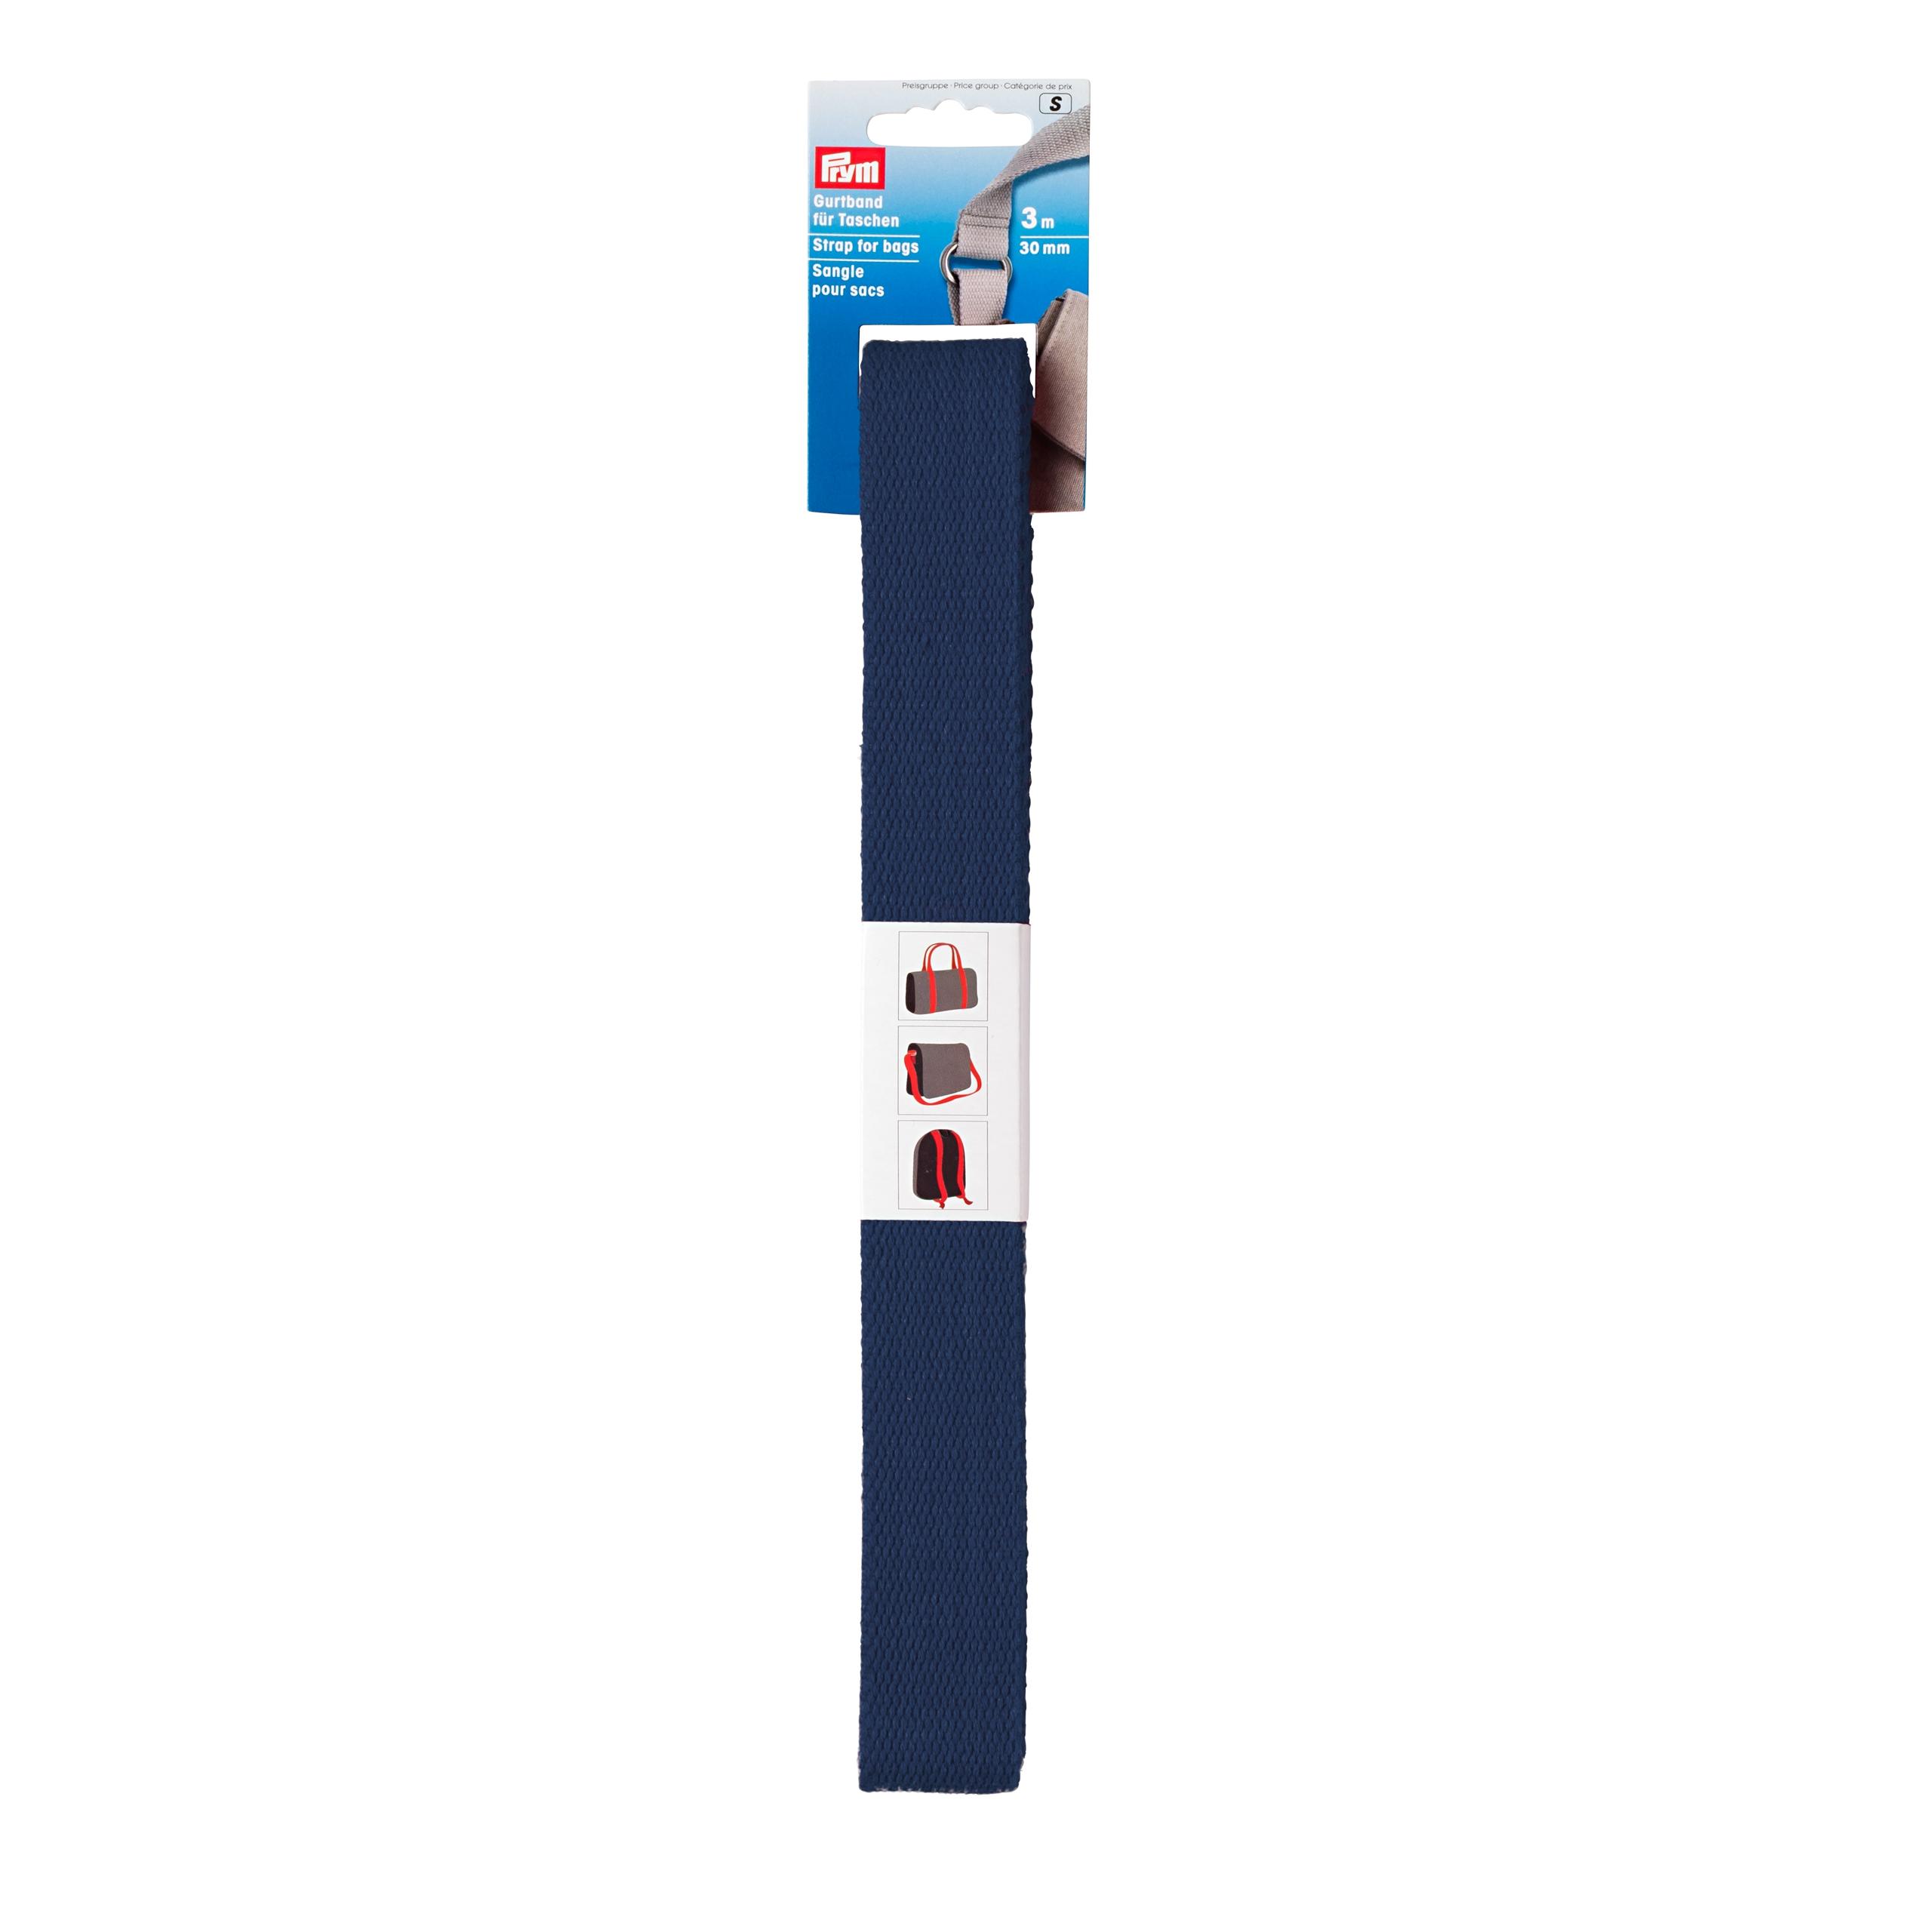 Prym Gurtband für Taschen 30mm marine - 3m abgepackt